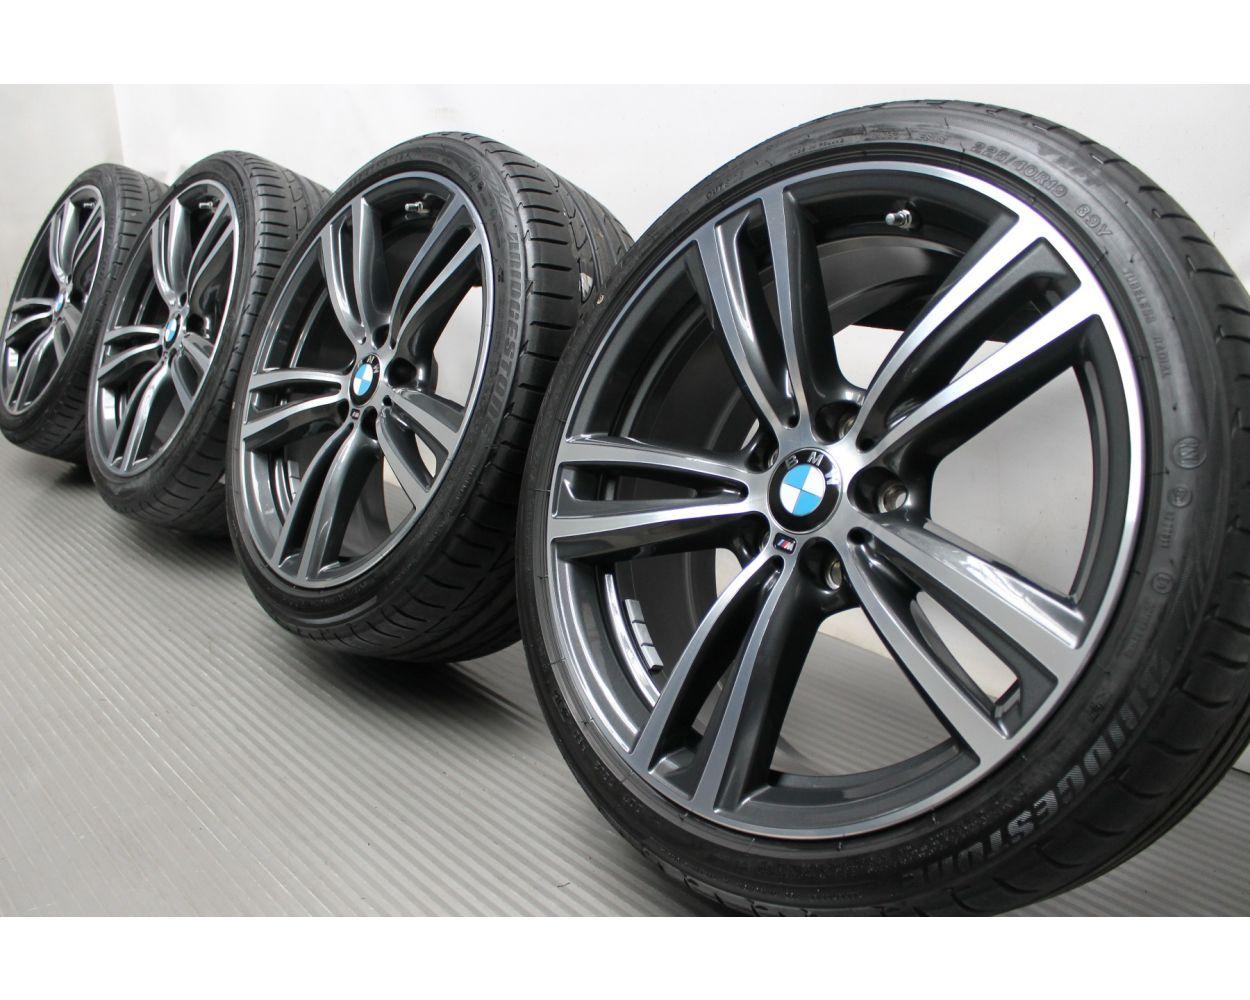 Bmw Summer Wheels 3er F30 F31 4er F32 F33 F36 19 Zoll 442m Double Spoke Ferric Grey Glanzgedreht